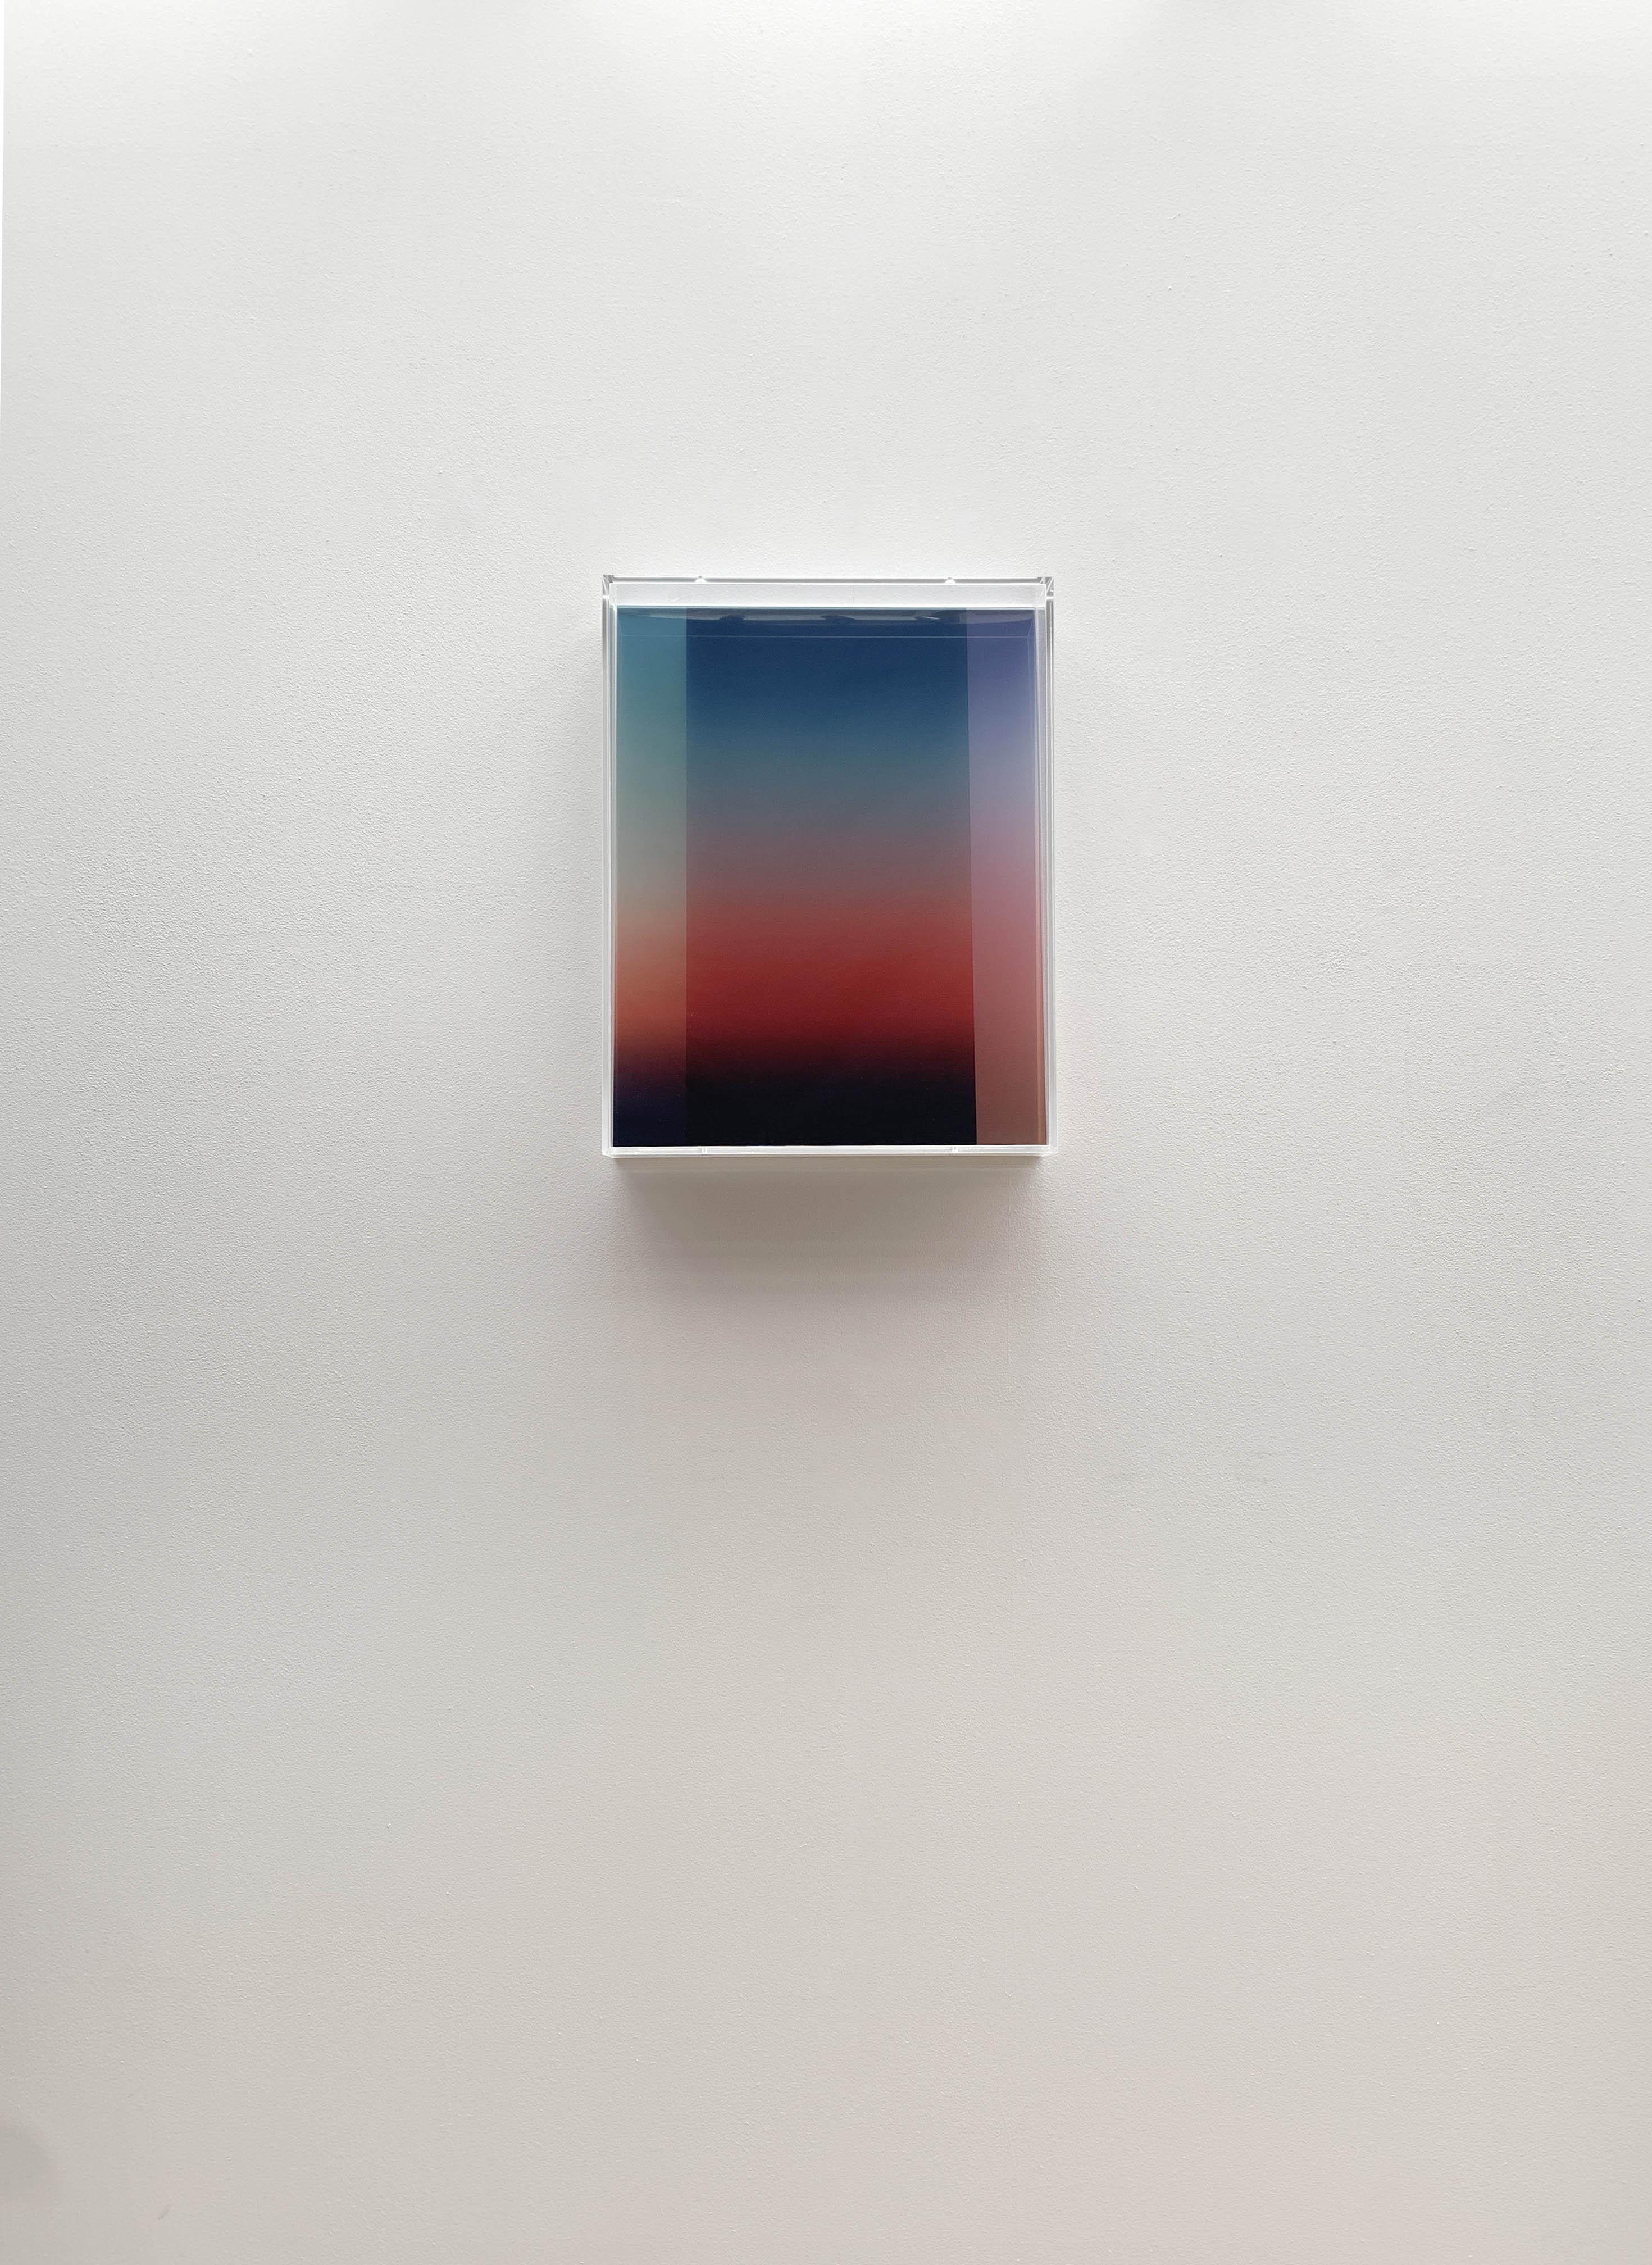 'Borrowed Light', 2021 | Troika (Conny Freyer, Eva Rucki, Sebastien Noel)